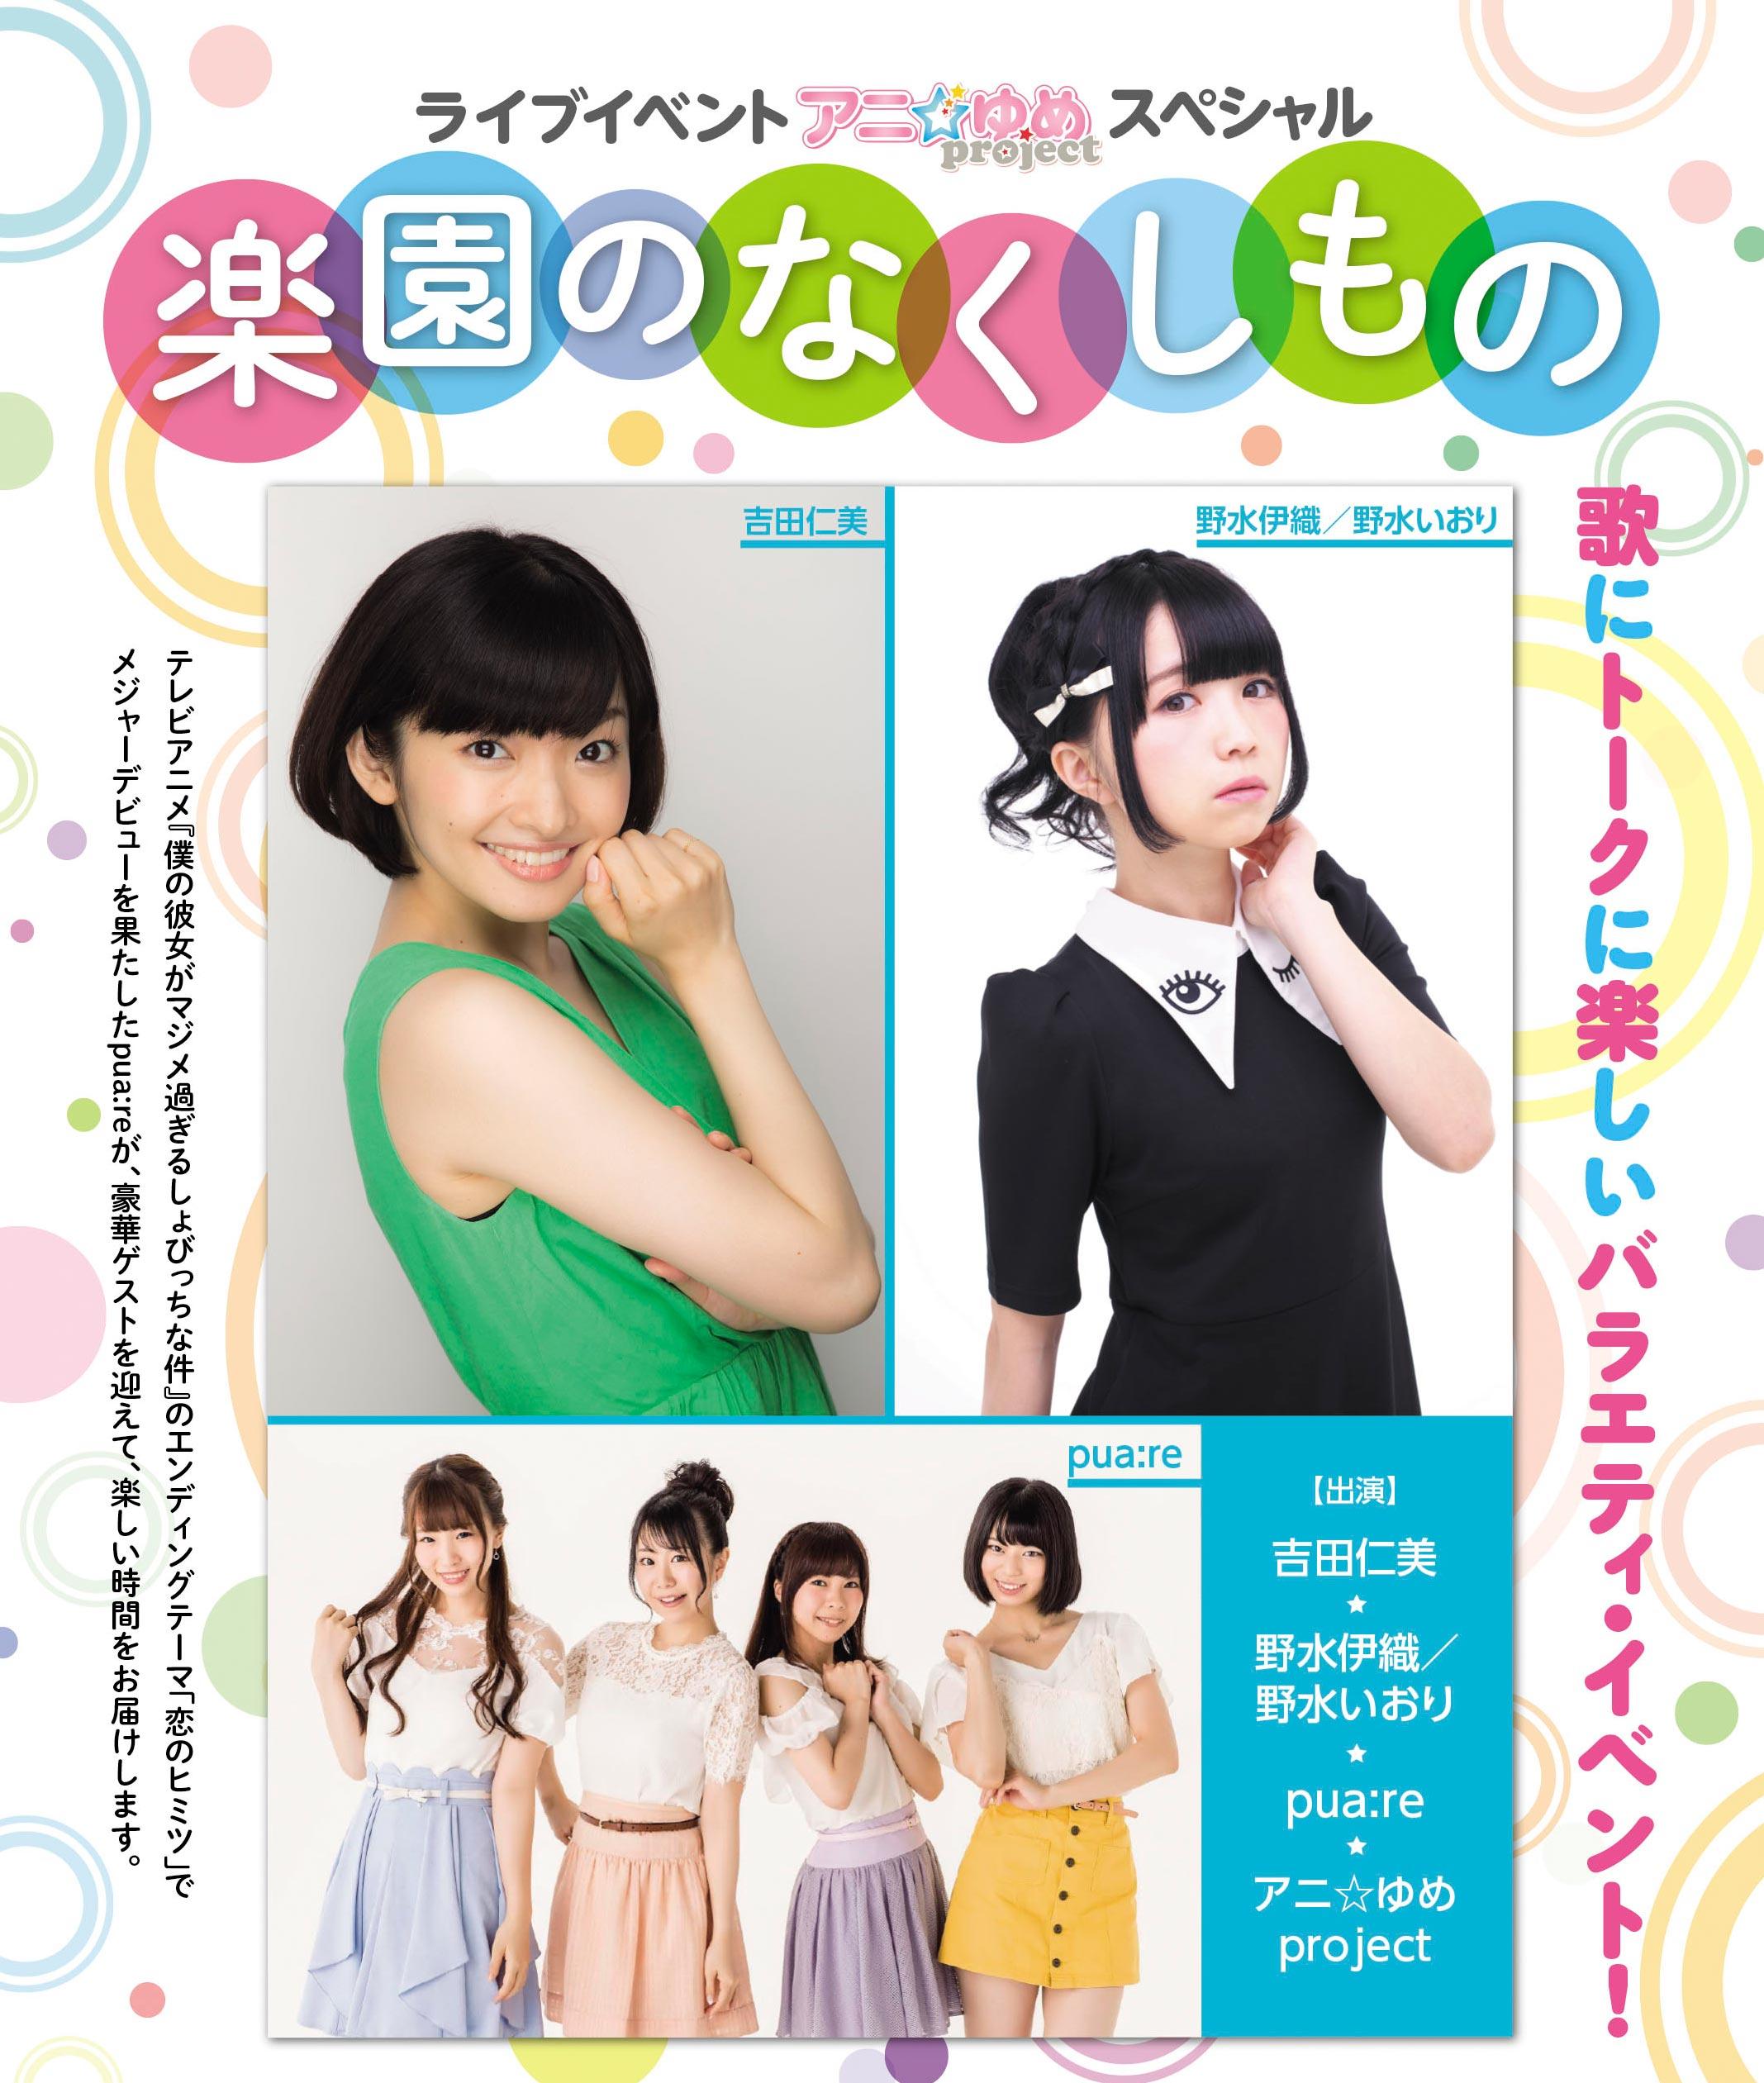 ライブイベント アニ☆ゆめproject スペシャル「楽園のなくしもの」第2部